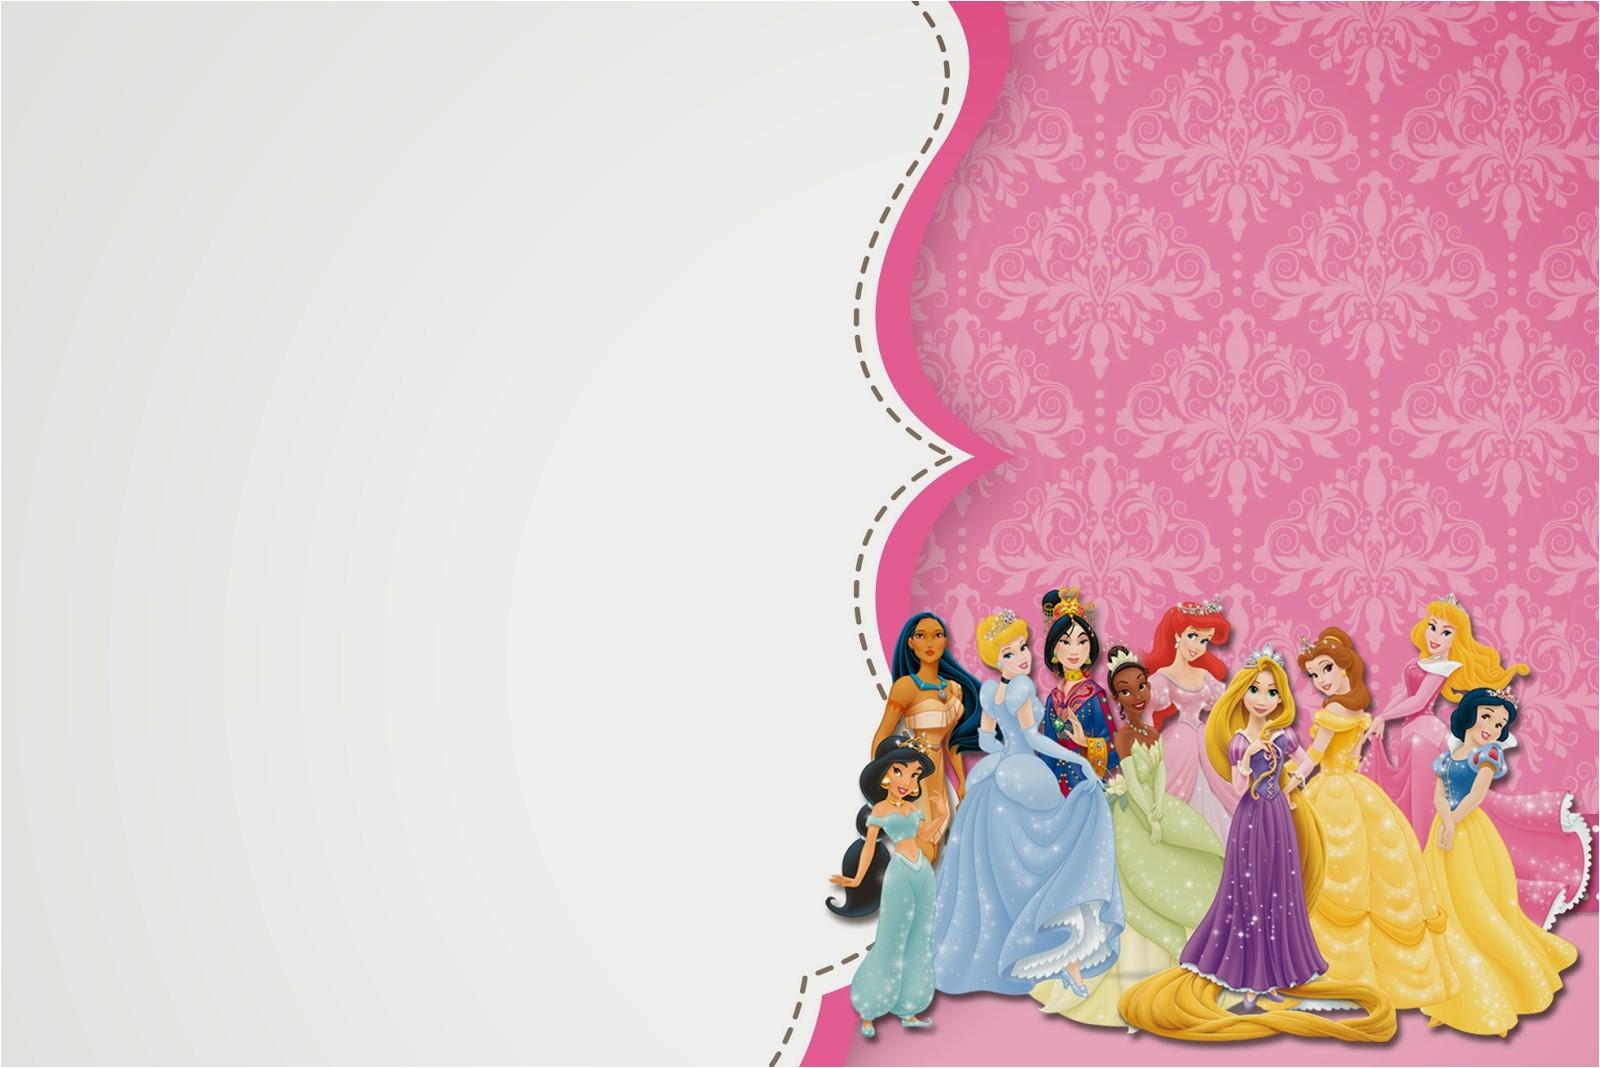 disney princess pary free printable 10